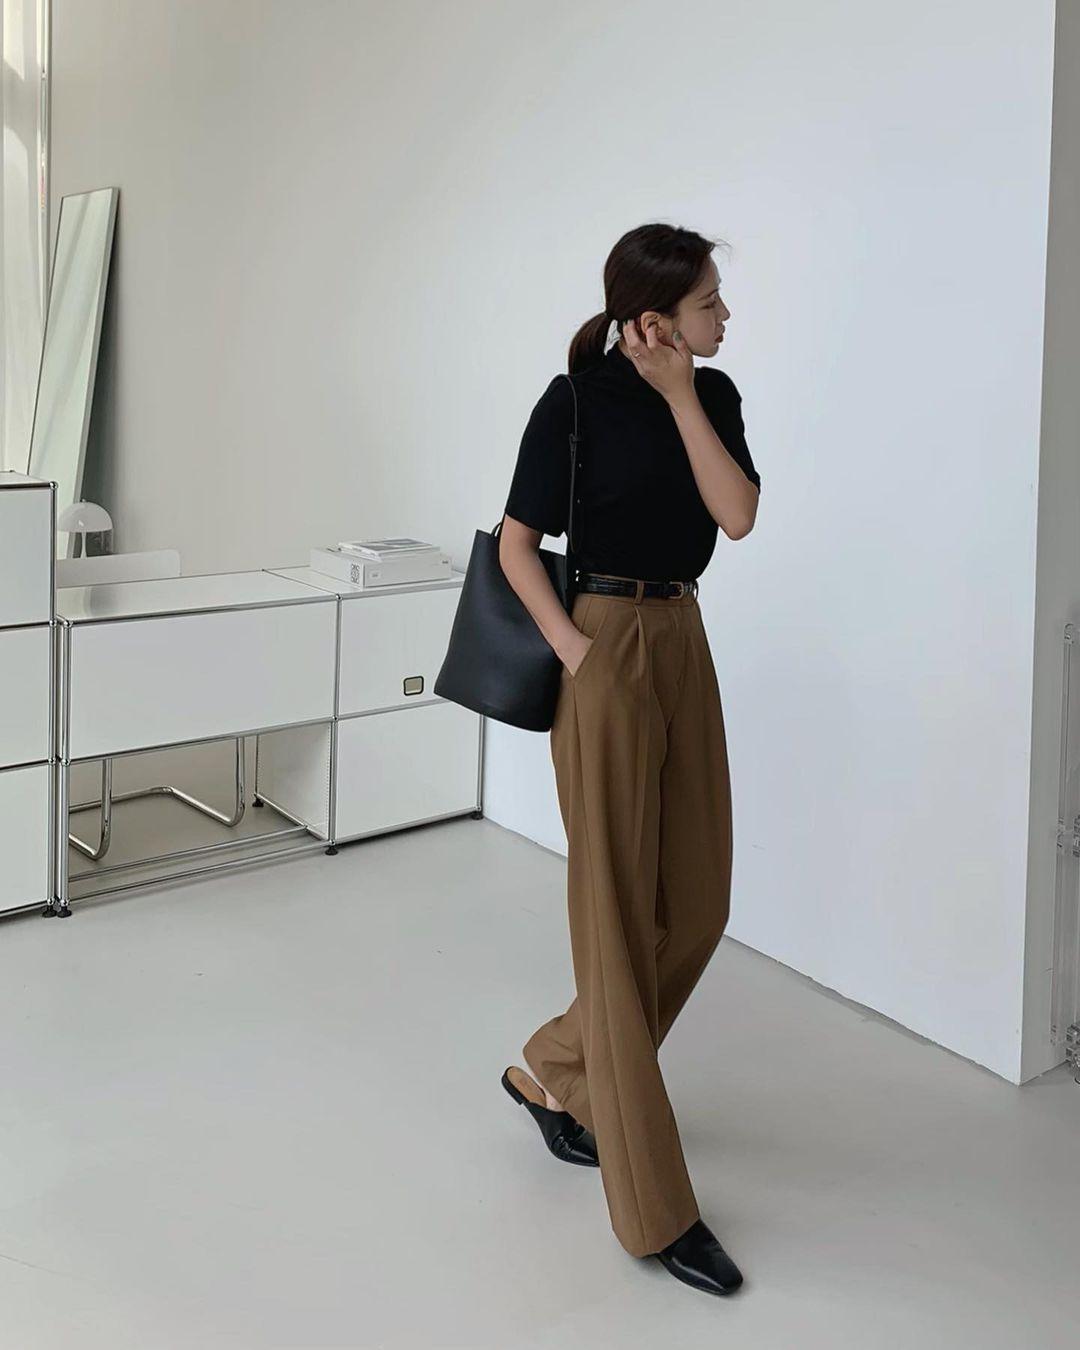 Mix & Phối - 5 mẫu giày tôn dáng siêu cao thủ, chị em nhất định phải sắm cho Tết để mặc gì cũng đẹp từng centimet - chanvaydep.net 2